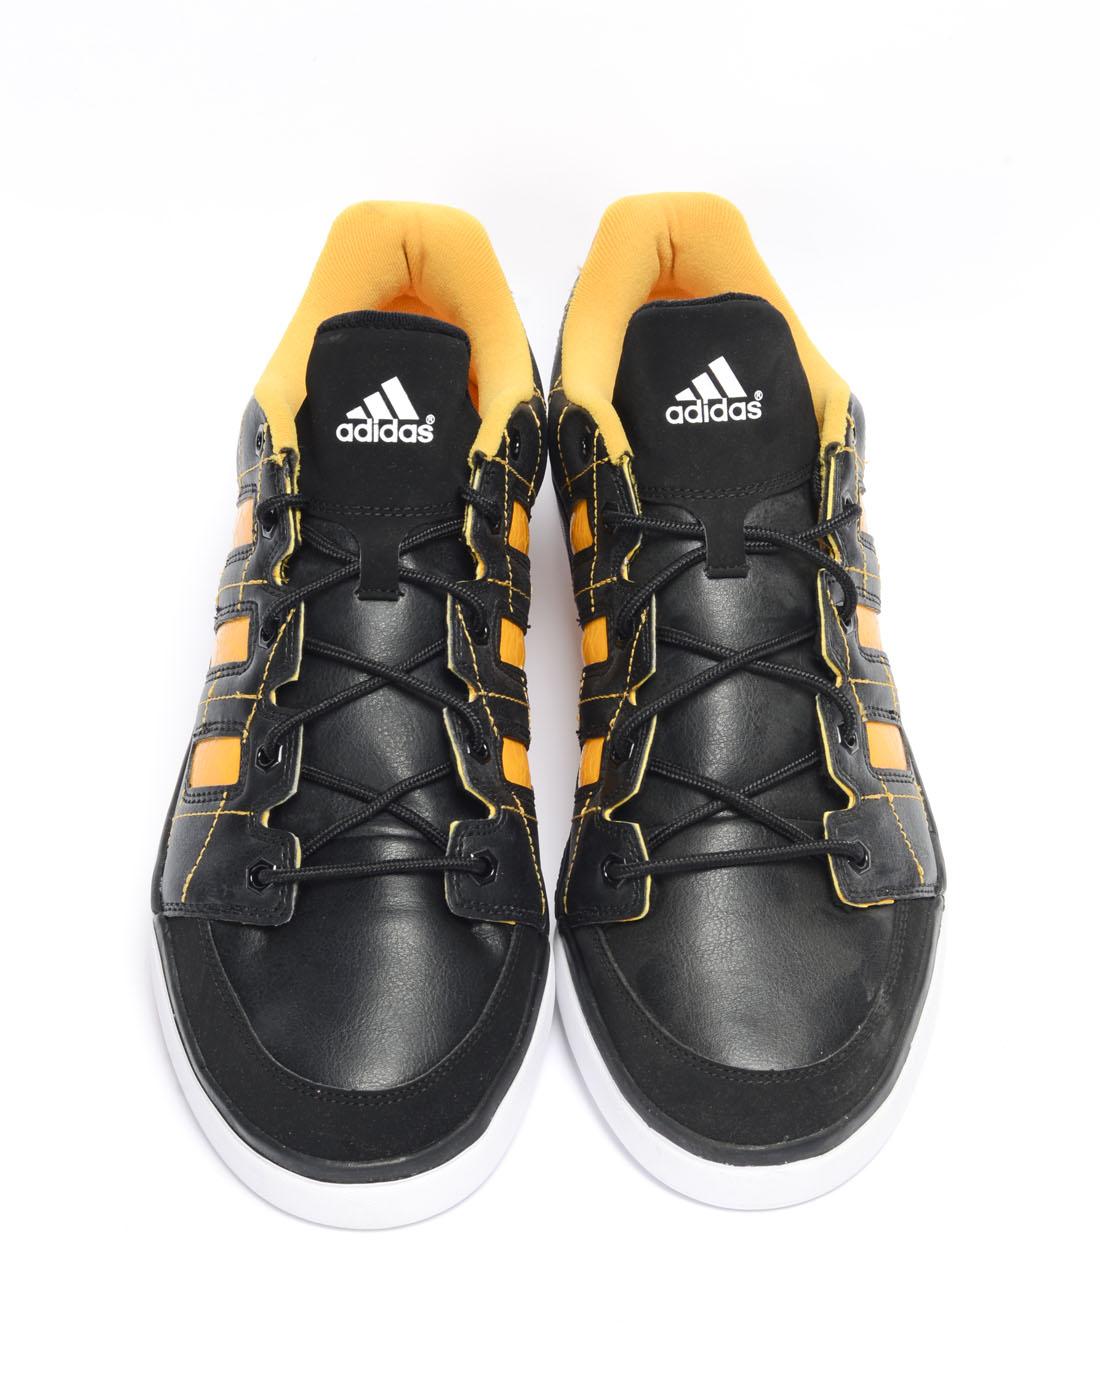 阿迪达斯adidas男子黑色篮球鞋g47907